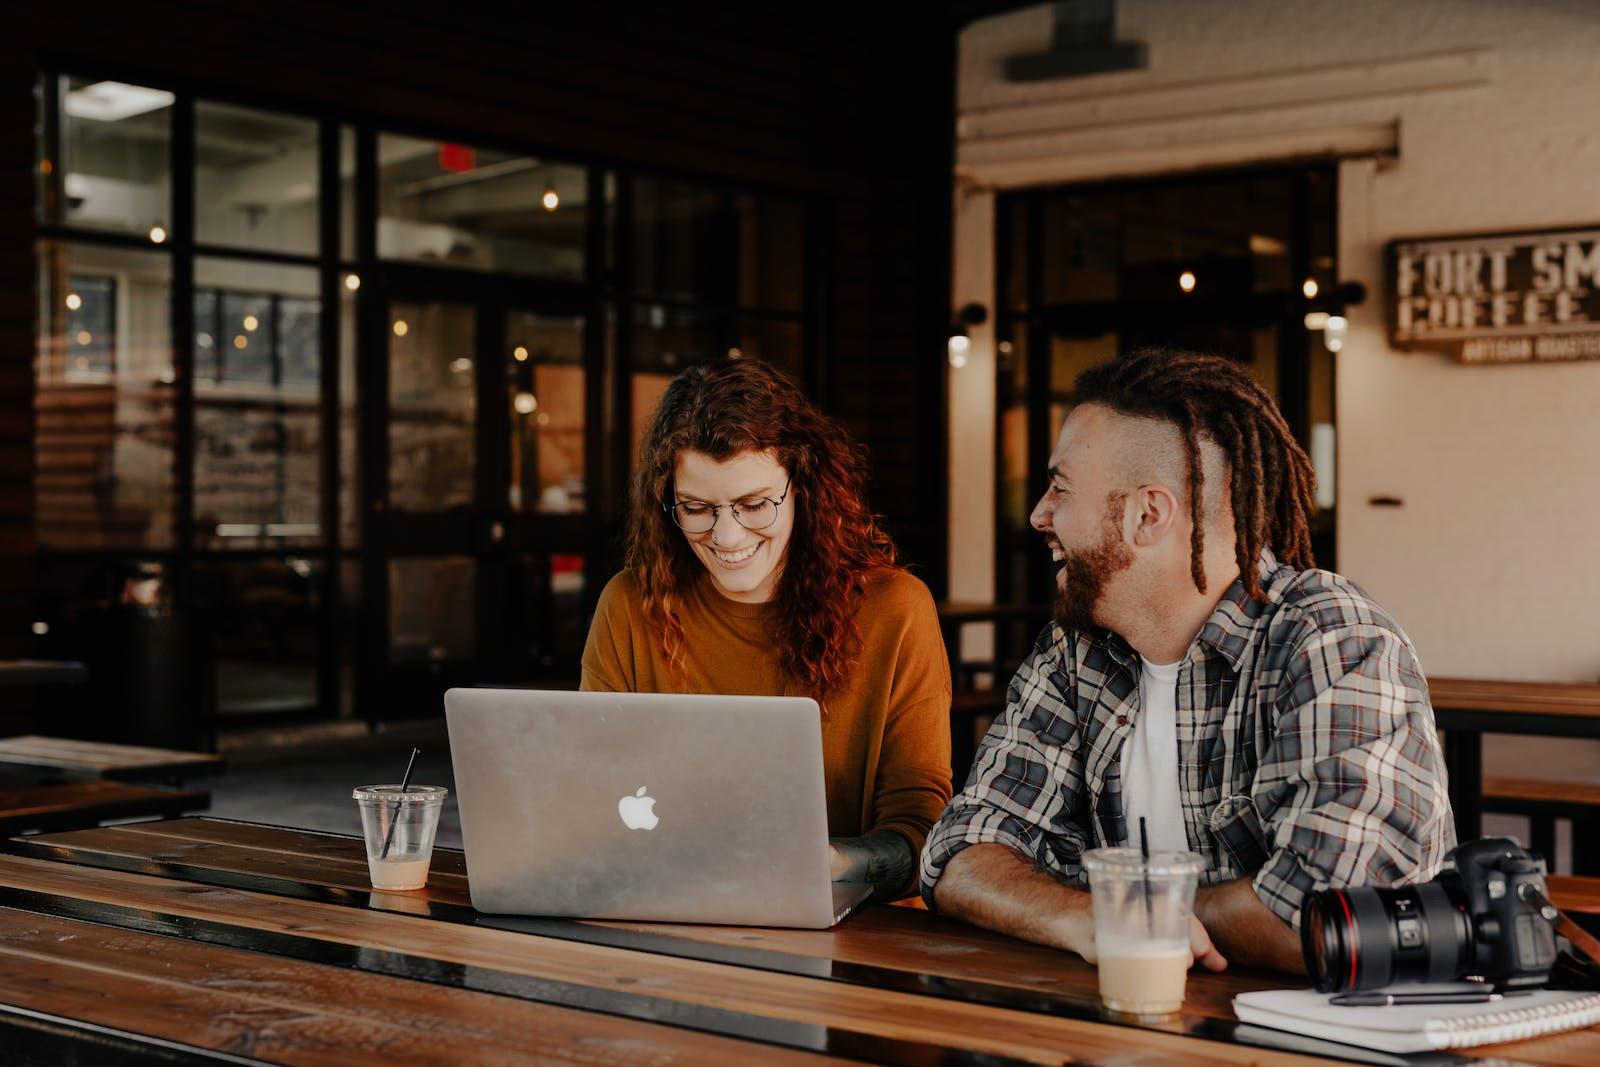 Amélioration de créativité, de la cohésion et de la dynamique de groupe au sein de l'entreprise. Soin énergétique Reïki pour aider à lutter contre le stress au travail.